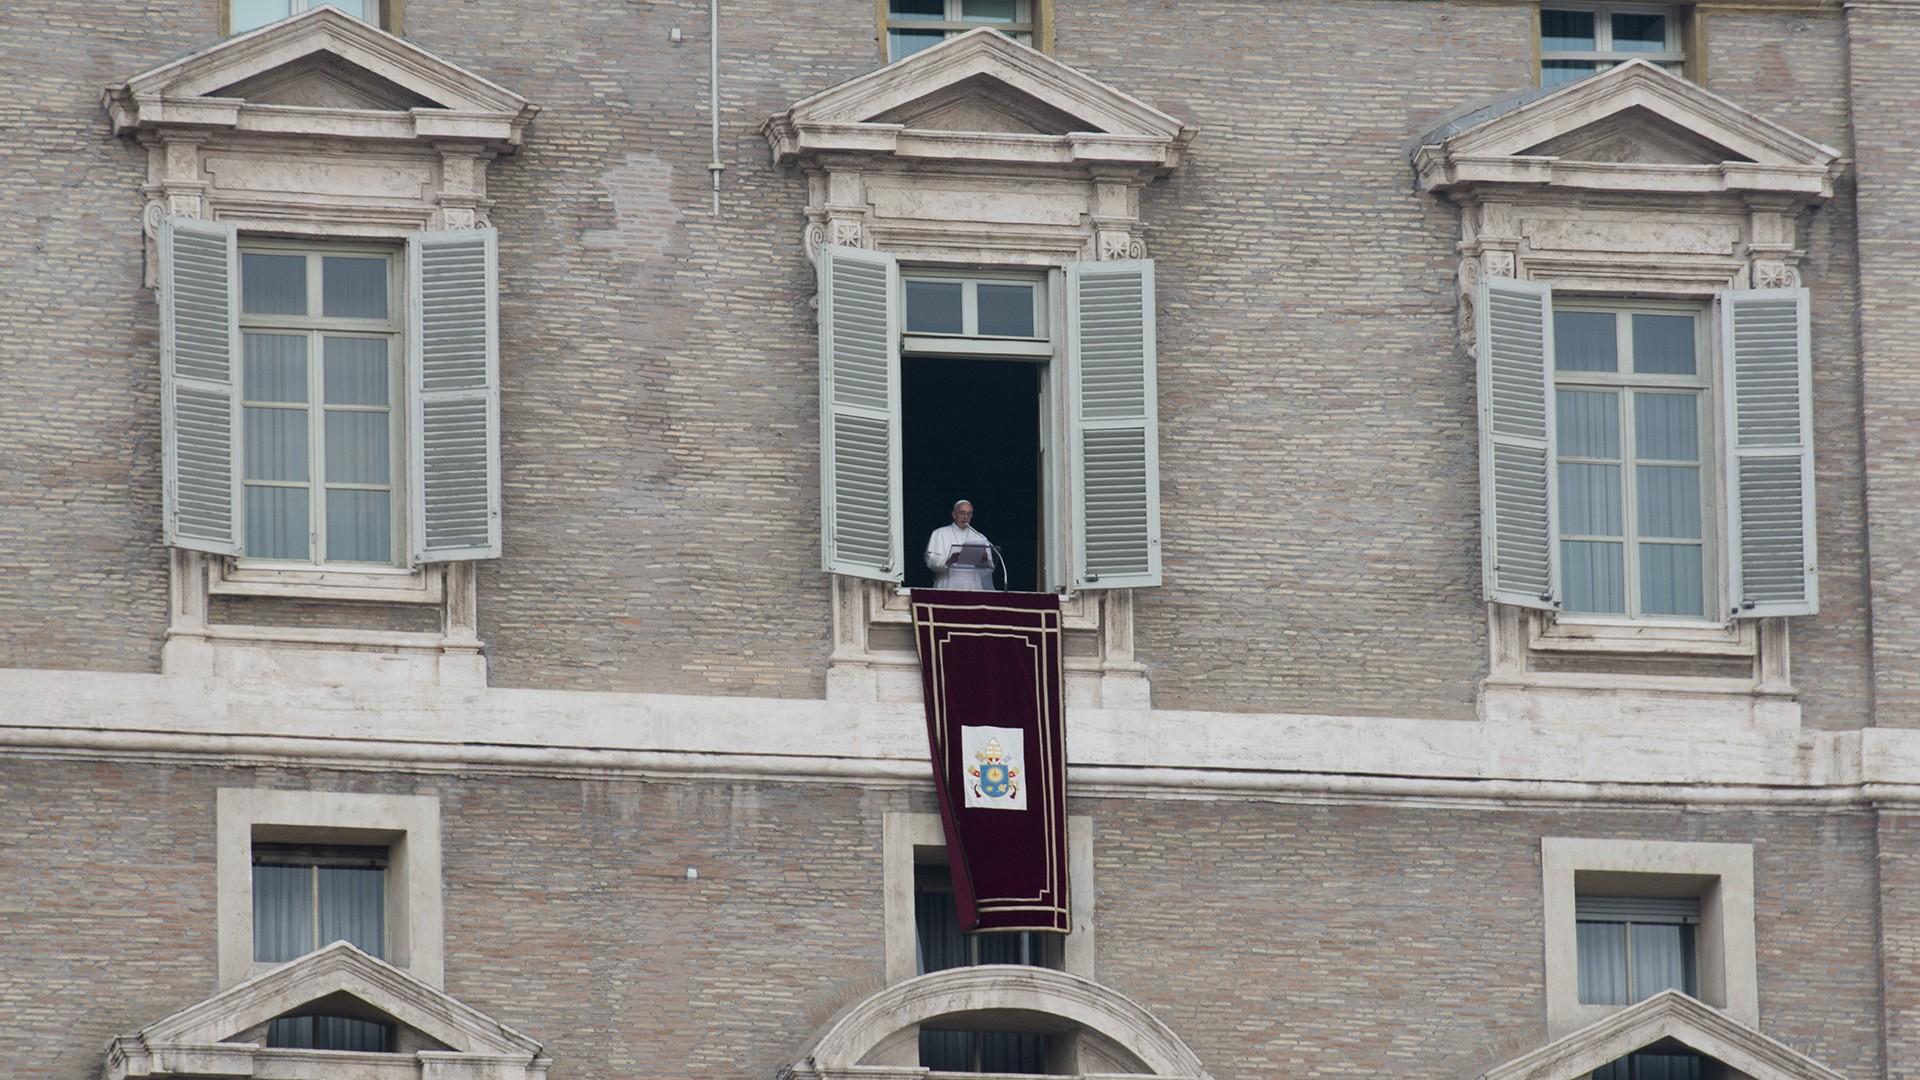 Sergio ontano siti per agenzie immobiliari - Finestra del papa ...